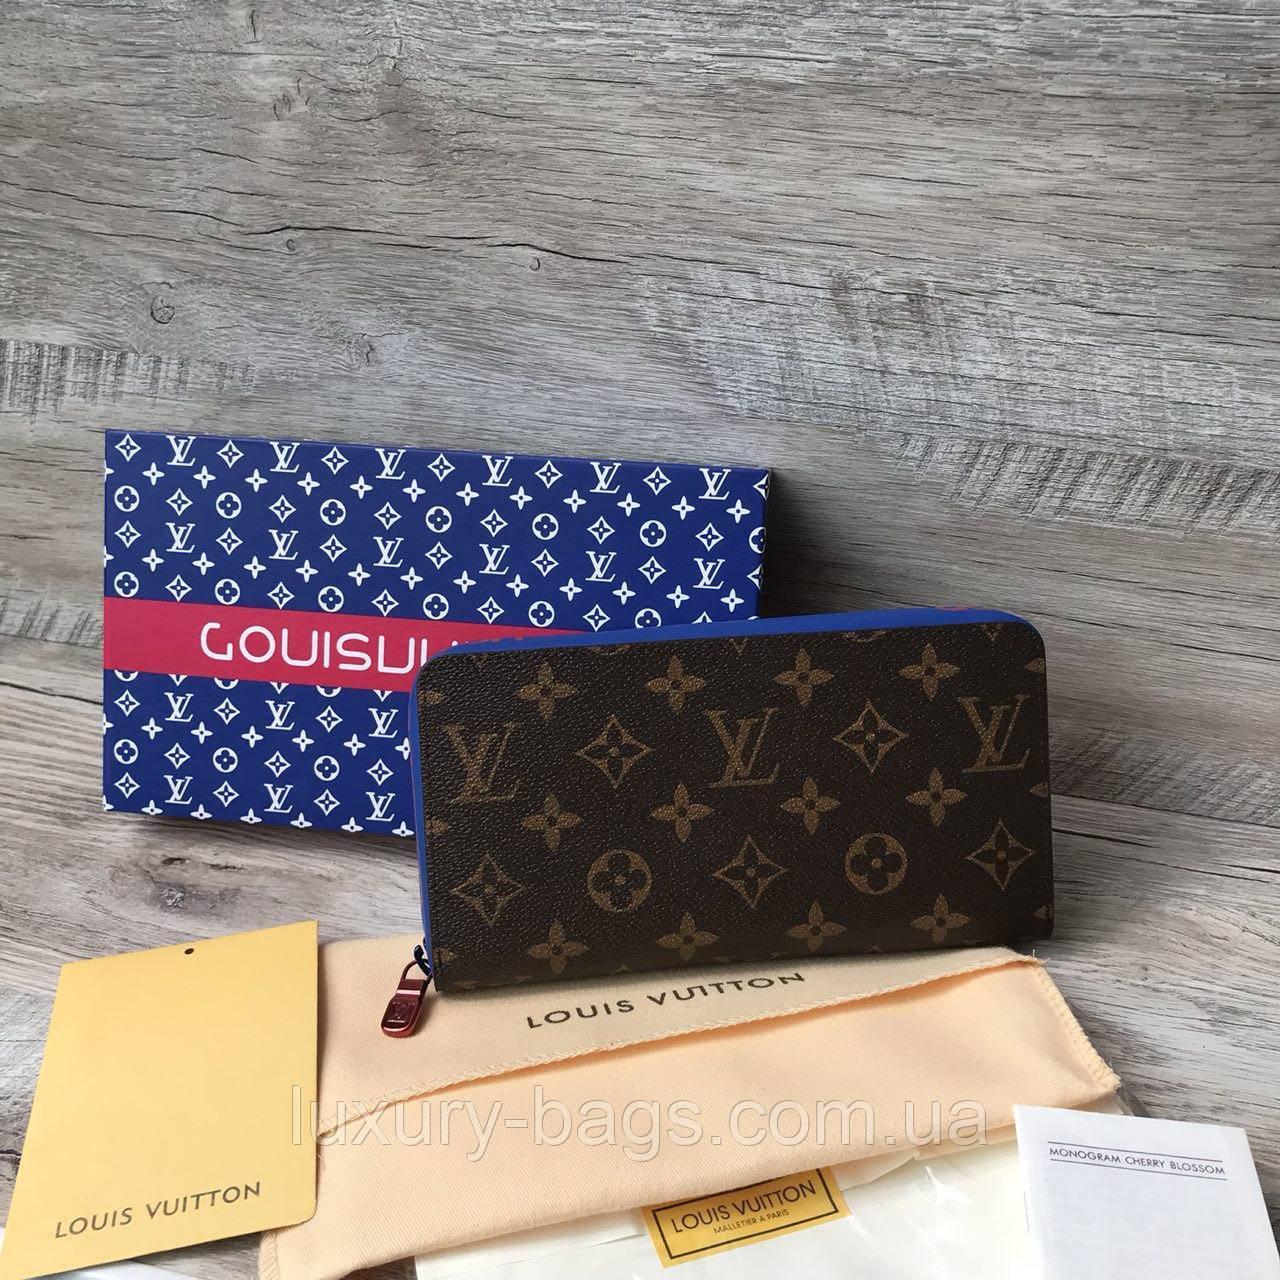 Круті гаманці Louis Vuitton